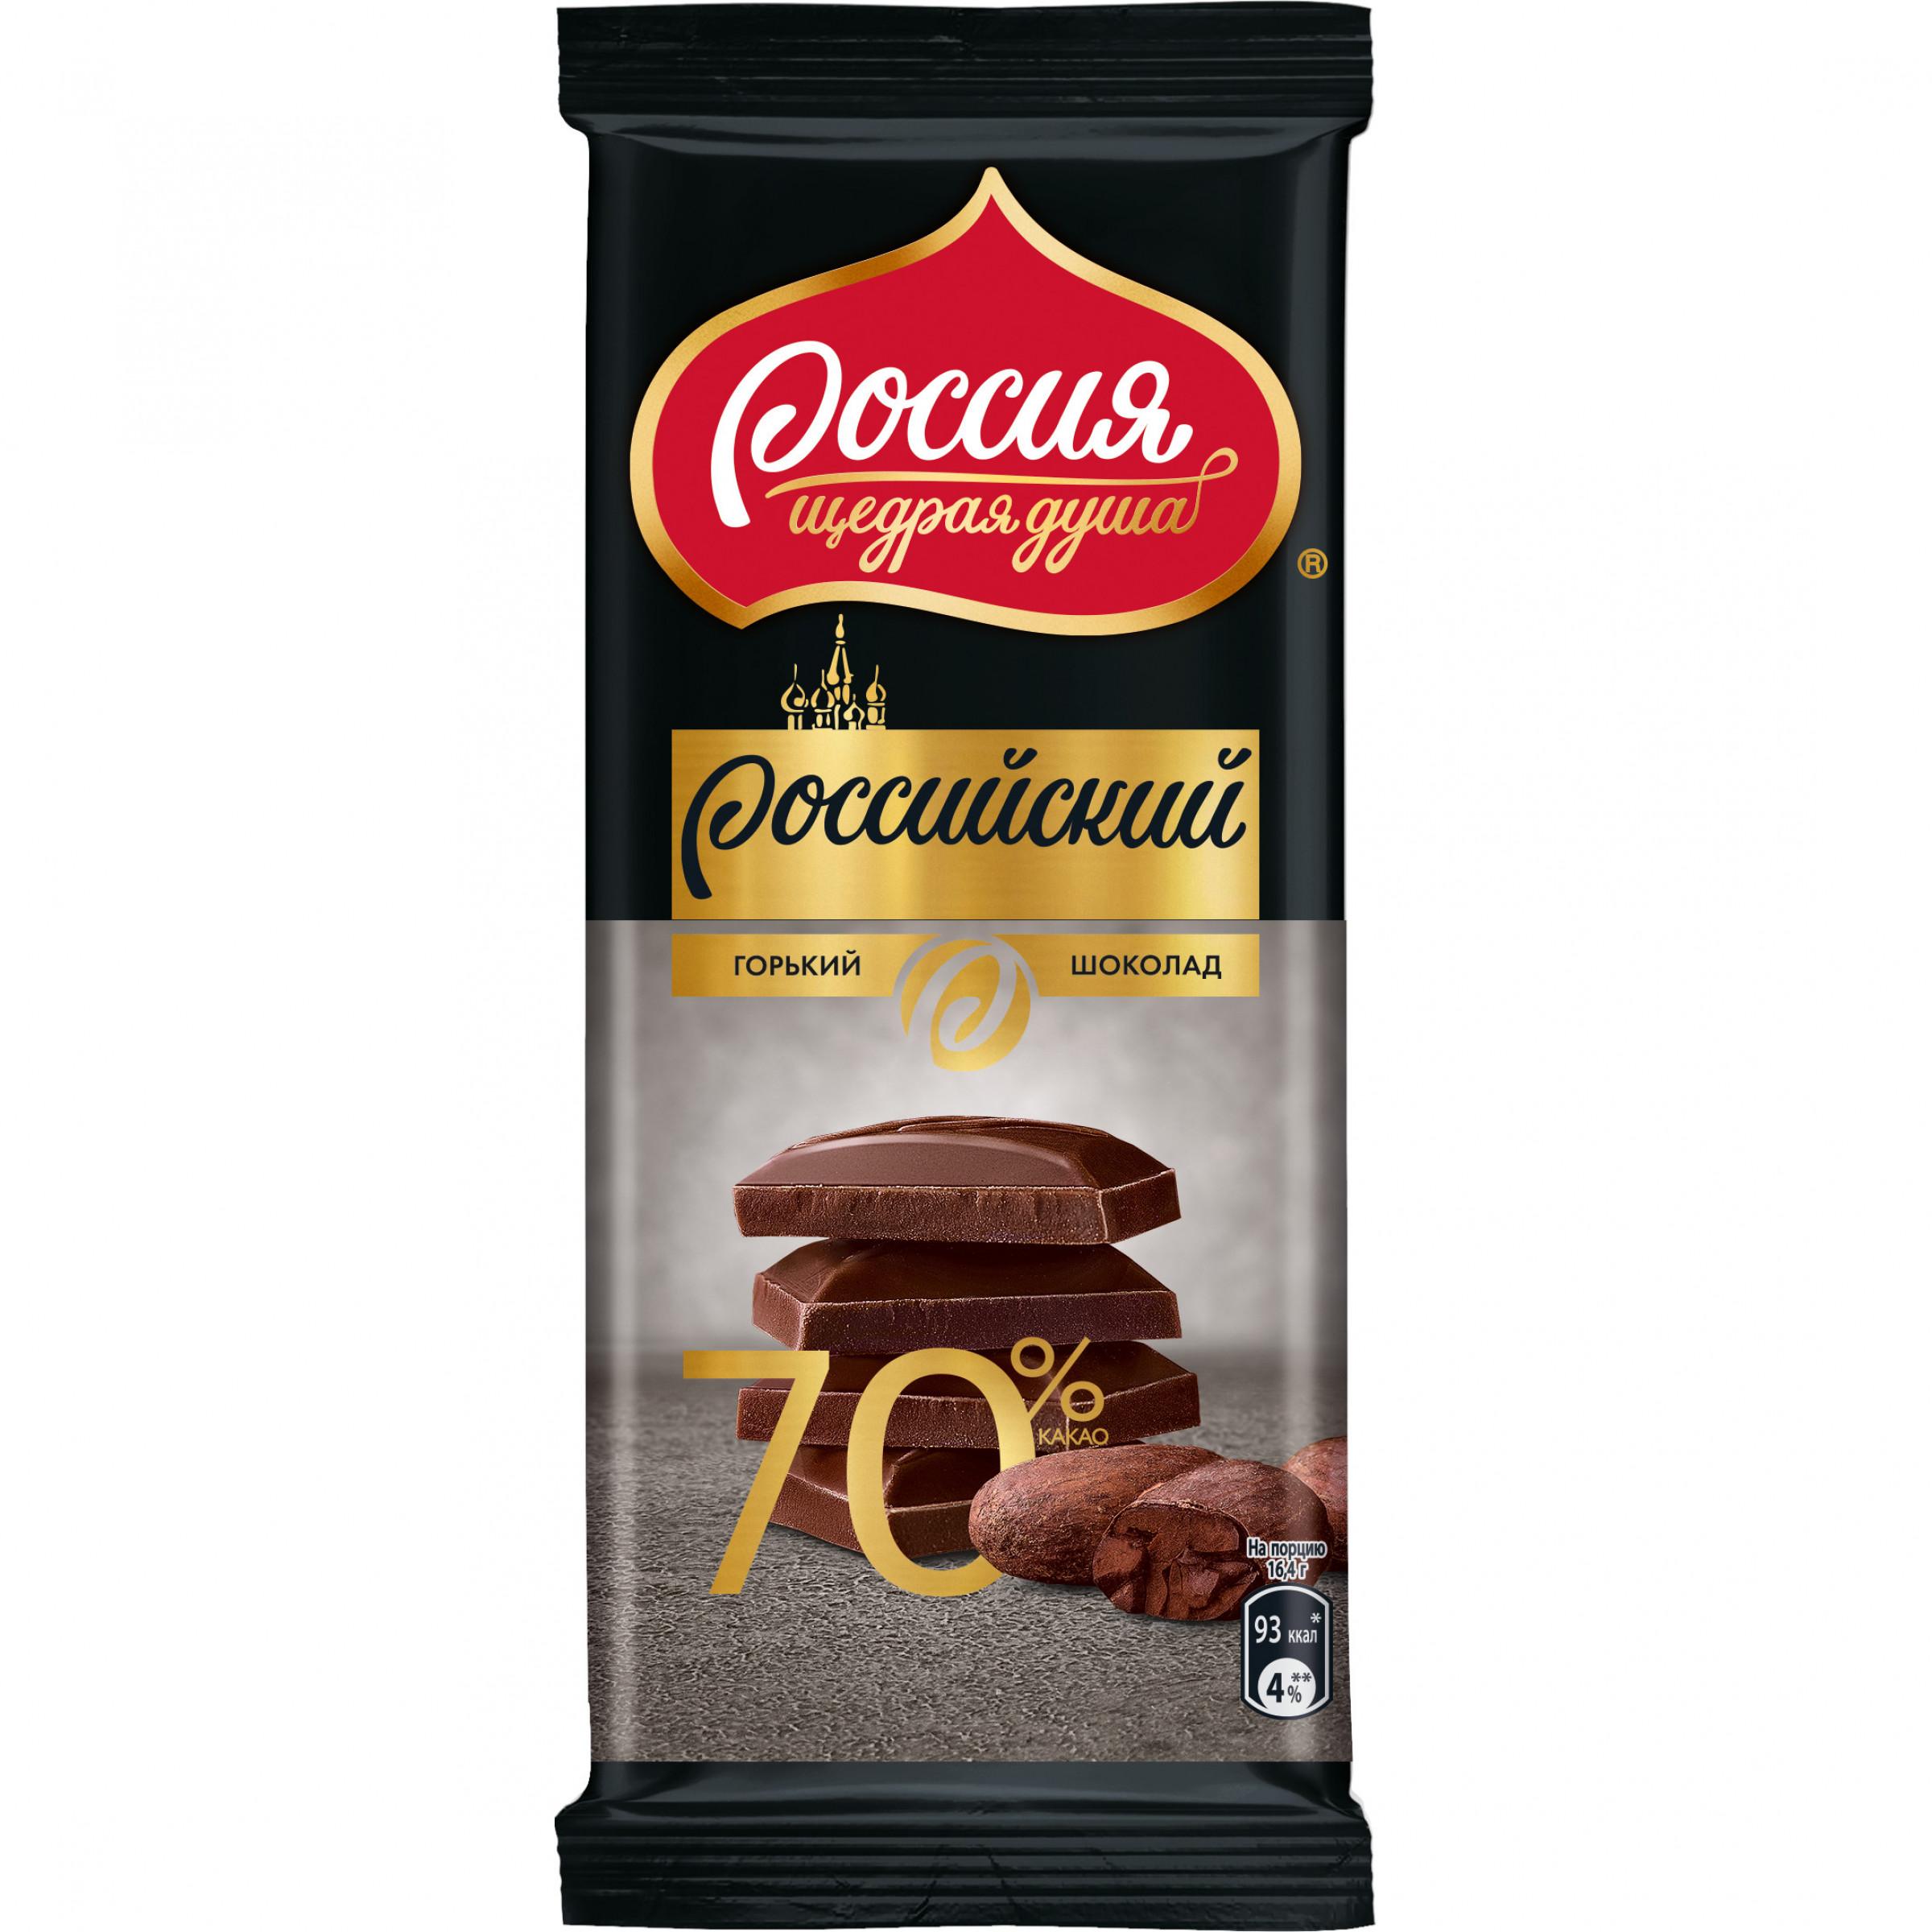 """Шоколад """"Российский"""" горький с 70 % содержанием какао продуктов, 82 г"""